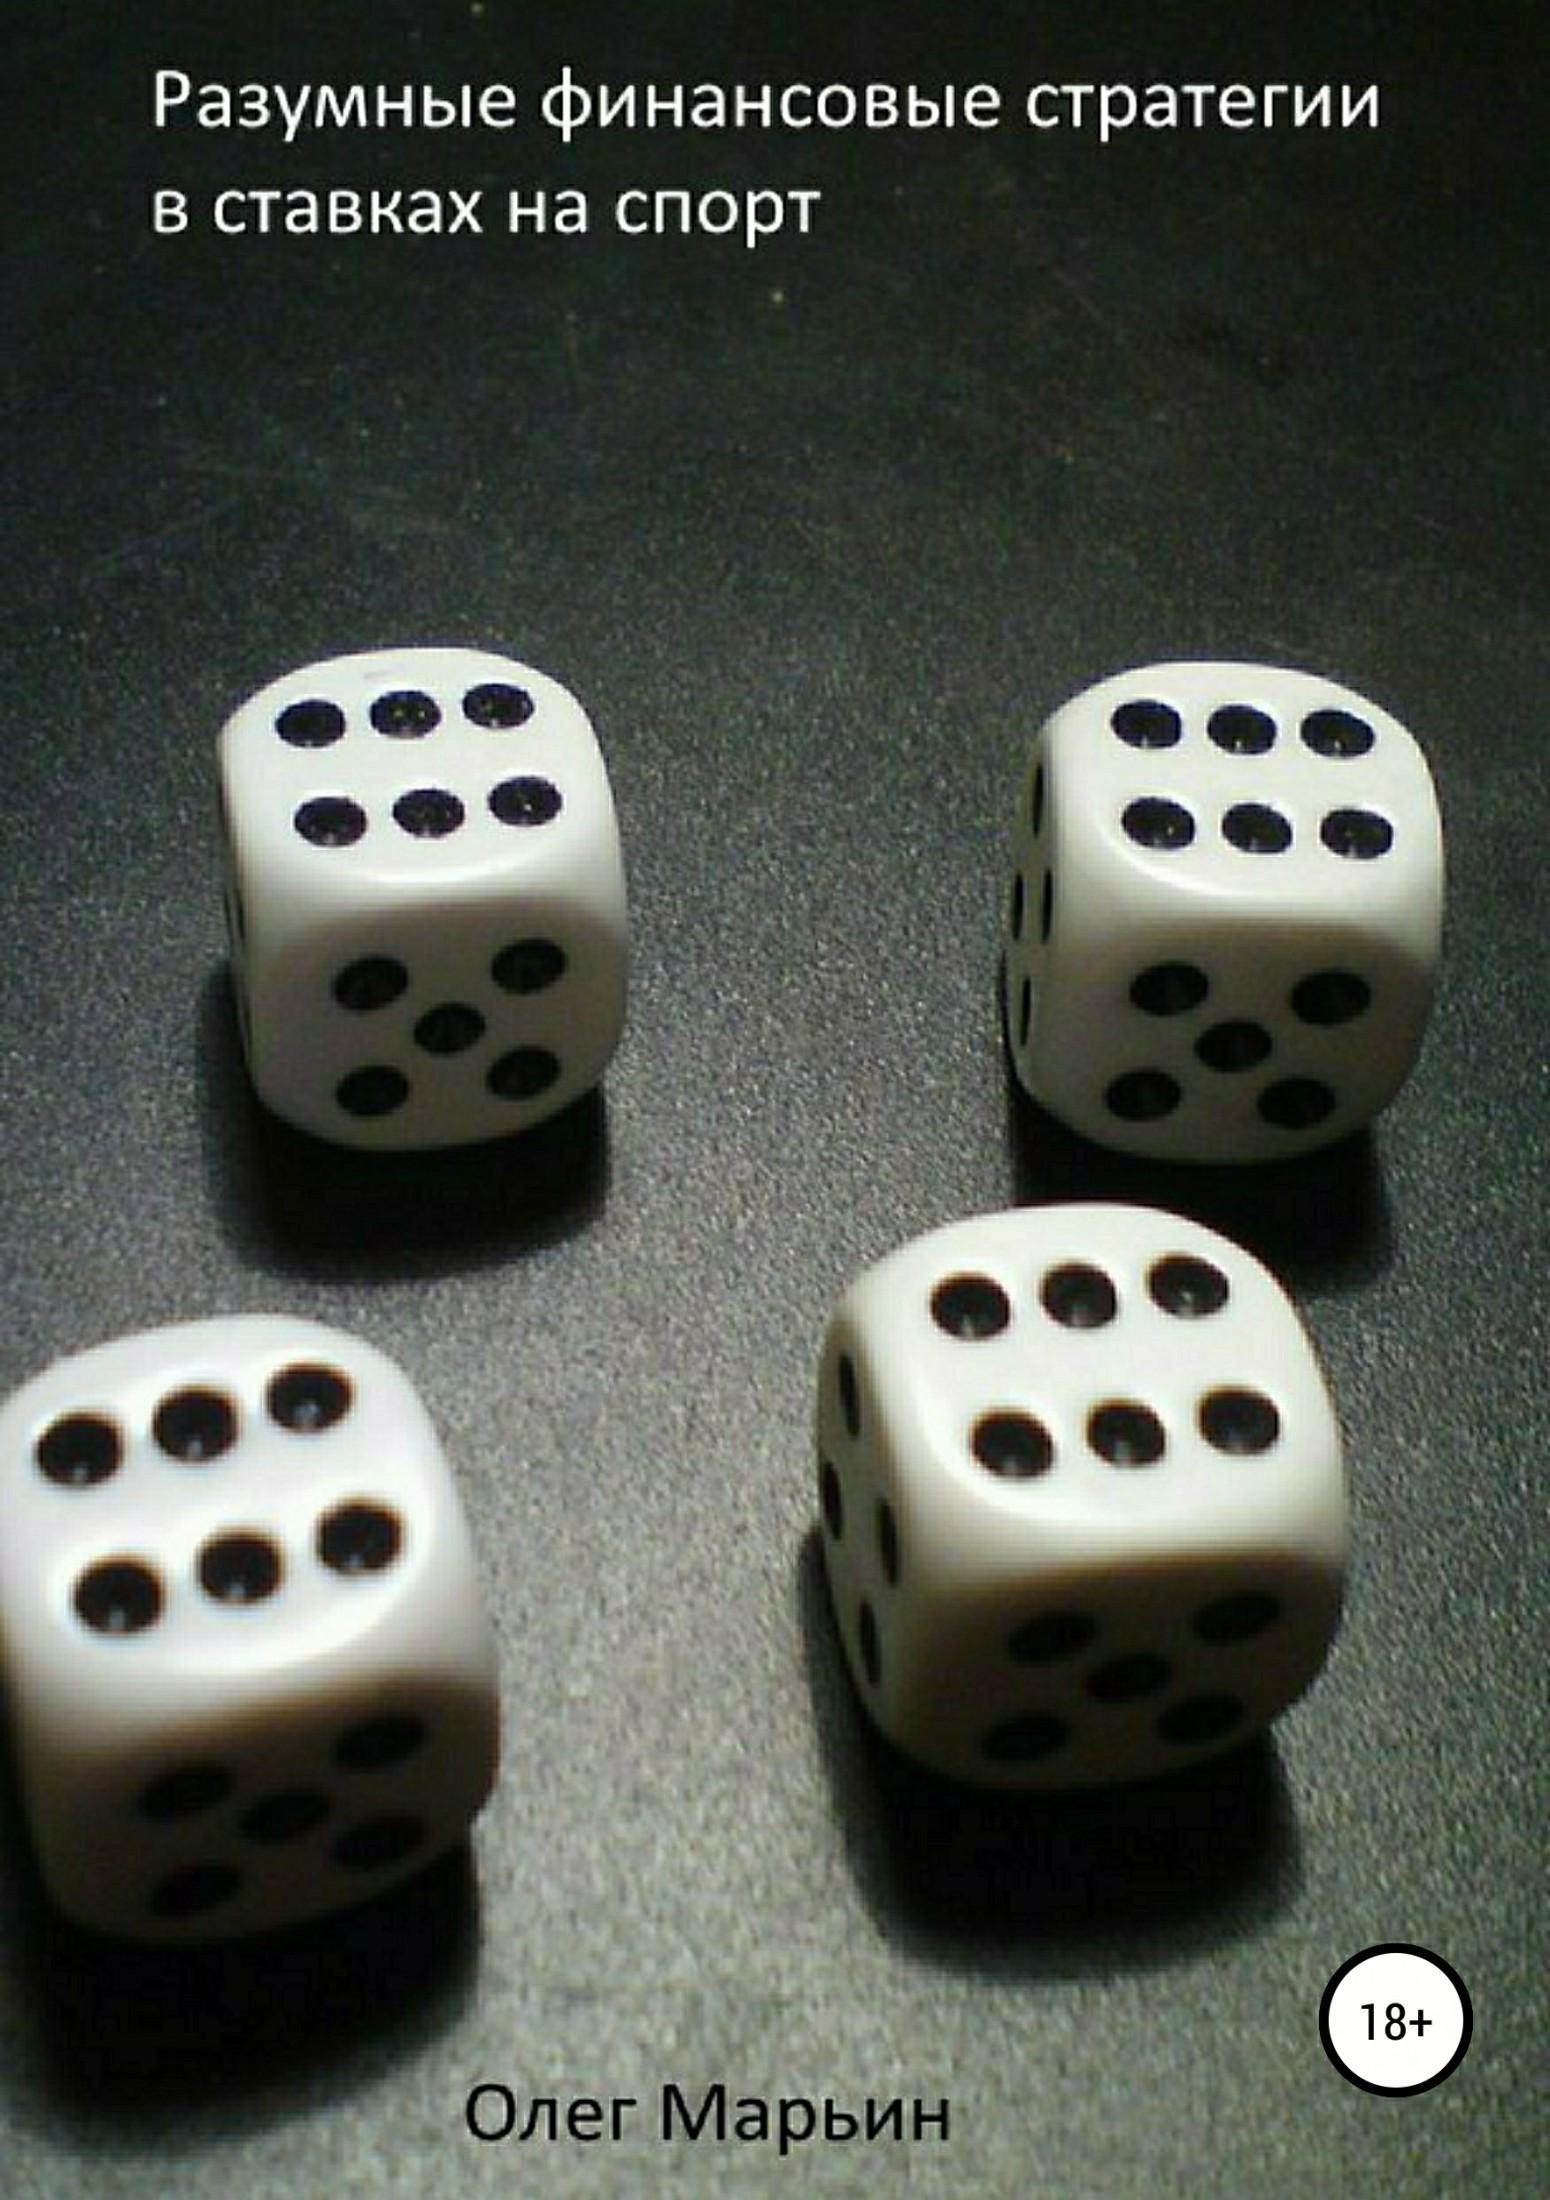 фото обложки издания Разумные финансовые стратегии в ставках на спорт